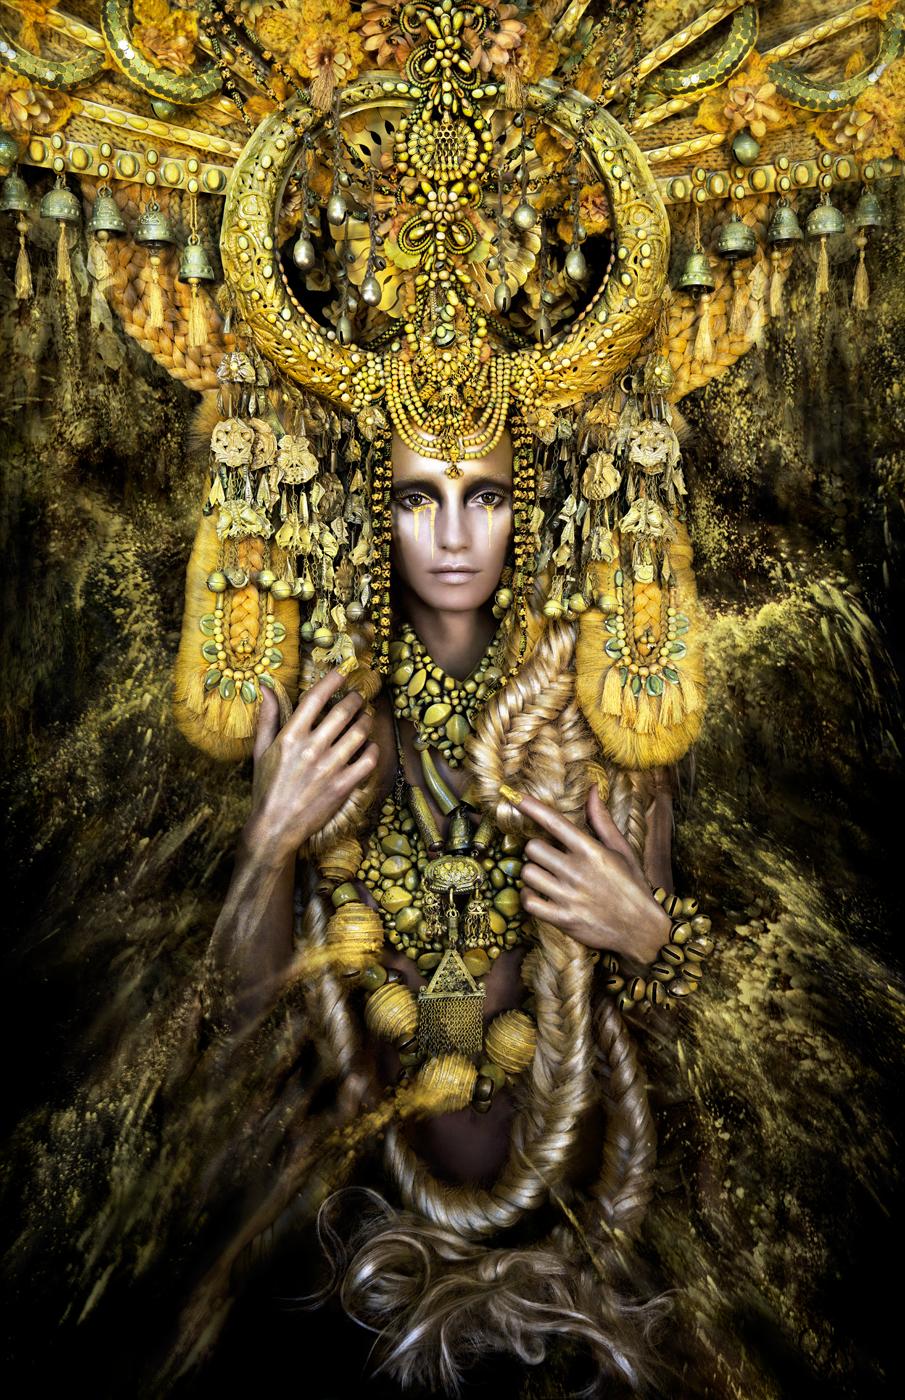 Gaia, The Birth Of An End